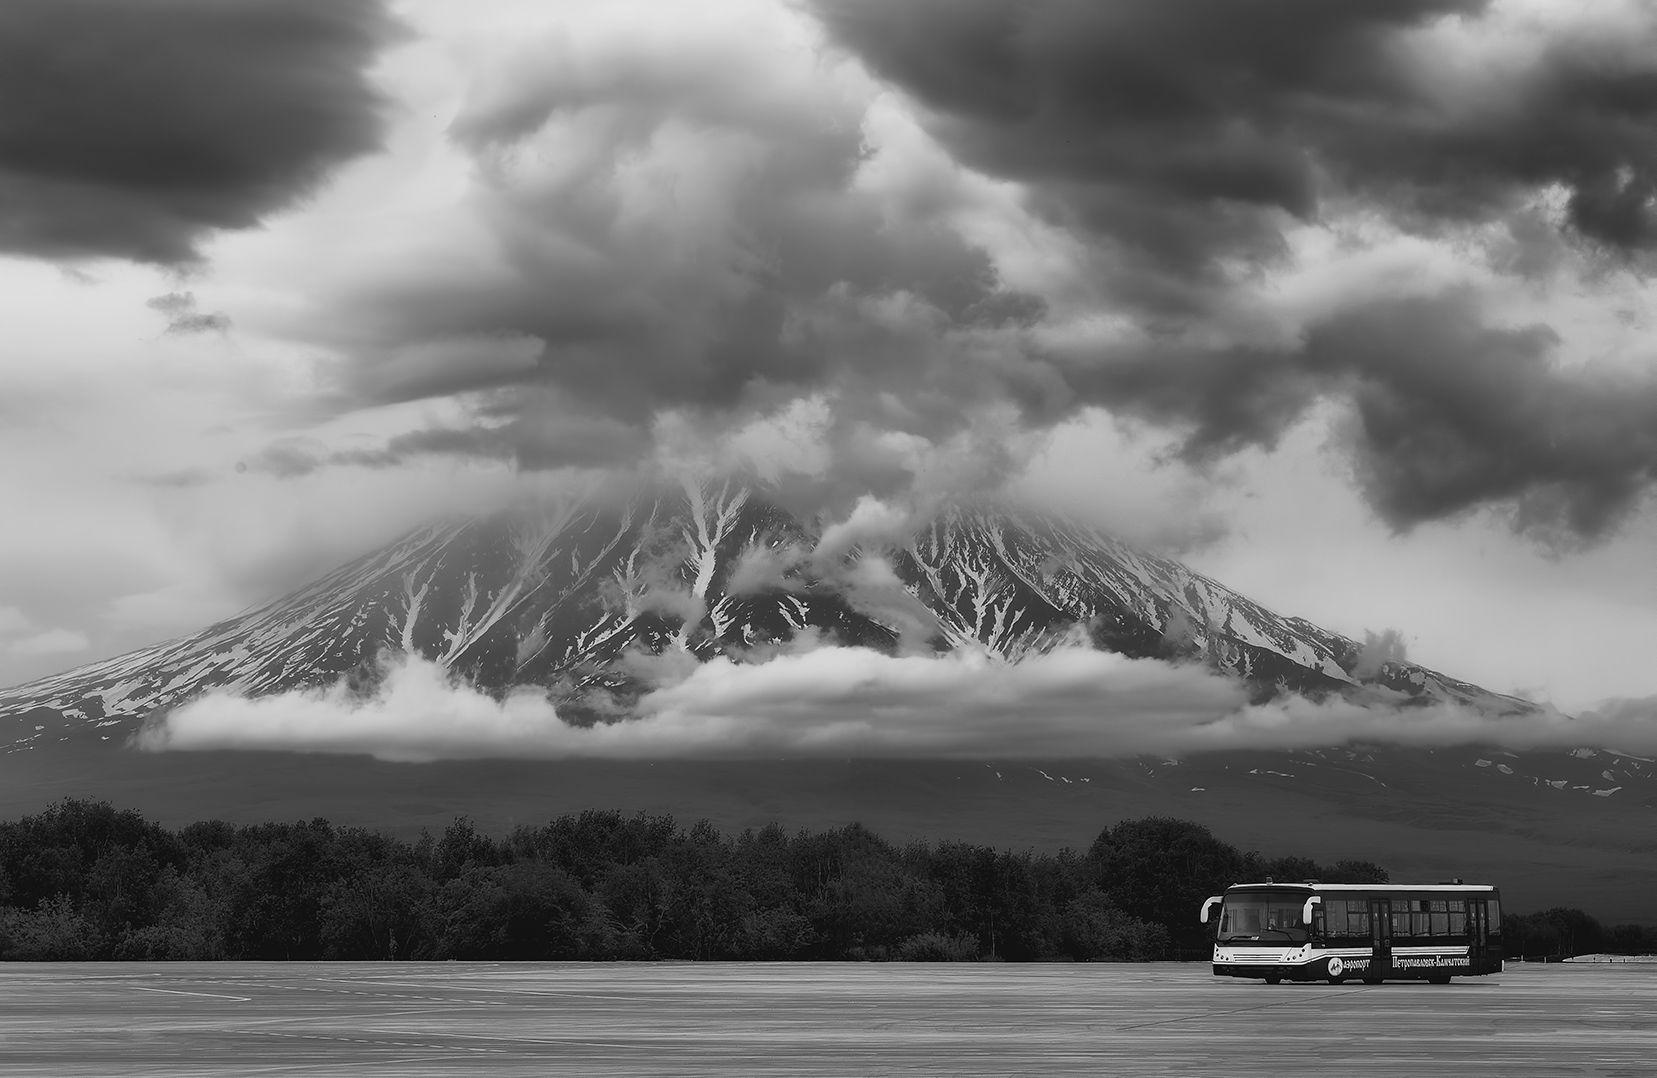 автобус (B&W) автобус Камчатка лето Корякский вулкан Елизово